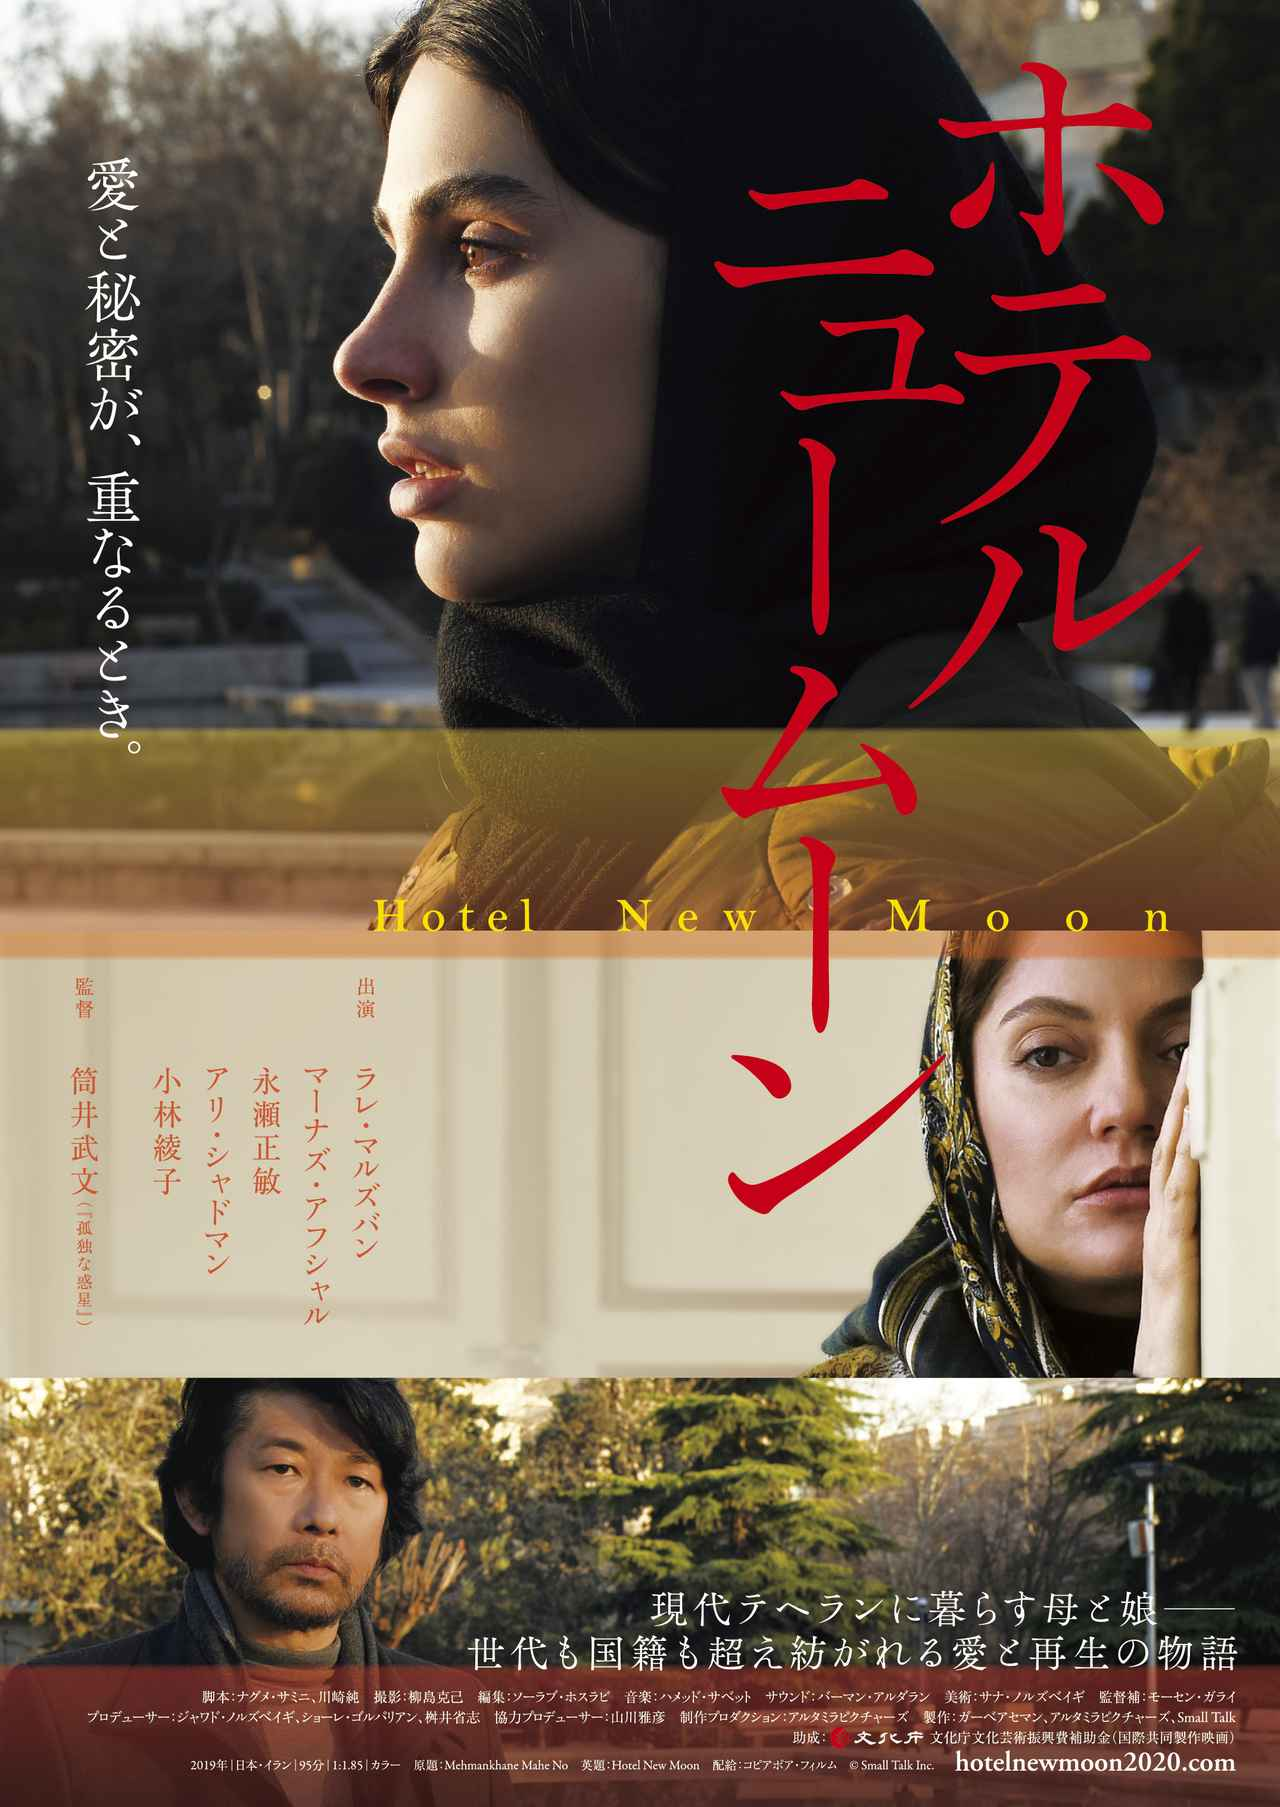 画像: 永瀬正敏出演の日本・イラン合作映画が9/18(金)公開決定